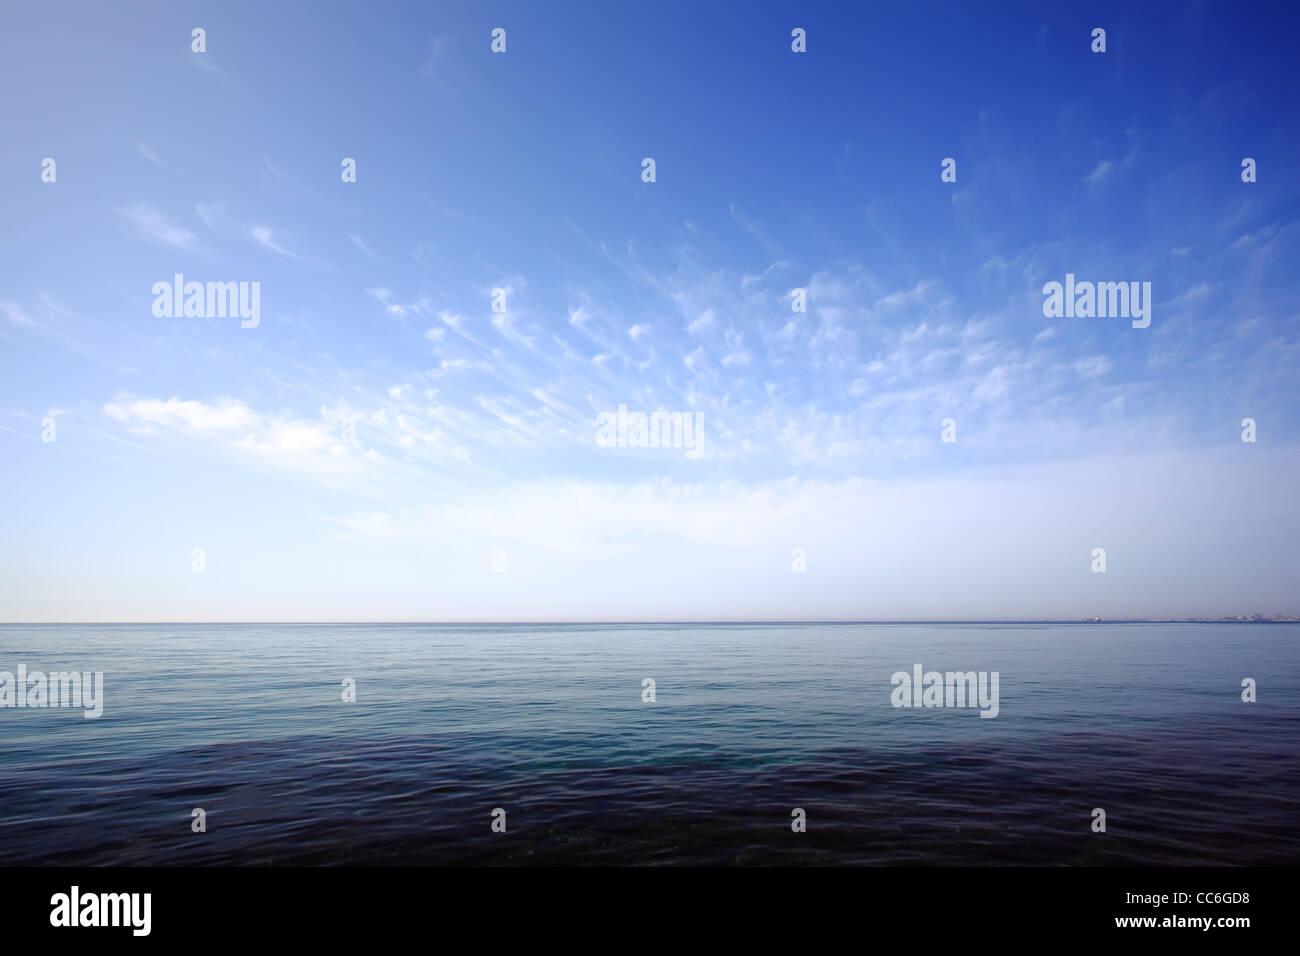 Ciel et Mer arrière-plan. Nature Paysage marin. Ville sur un horizon. Larnaca, Chypre. Photo Stock